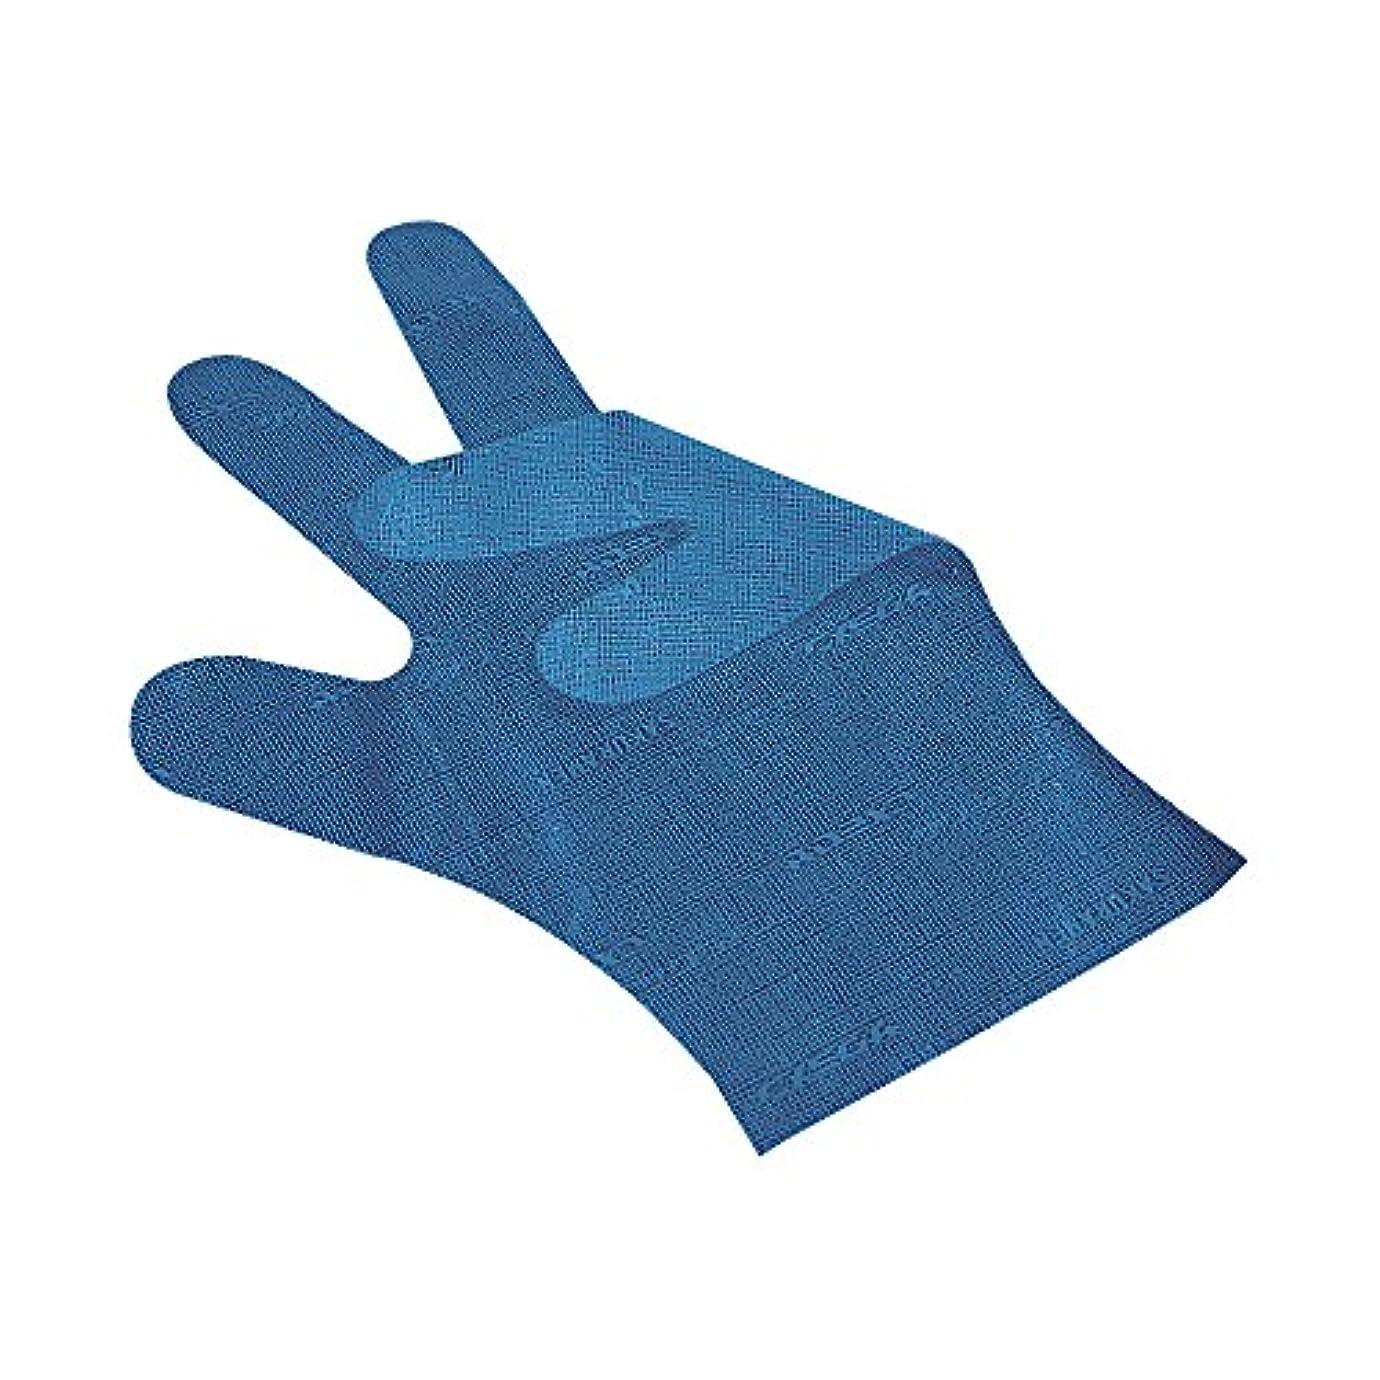 トーナメントマイルストーン子供達サクラメンエンボス手袋 デラックス ブルー M 100枚入